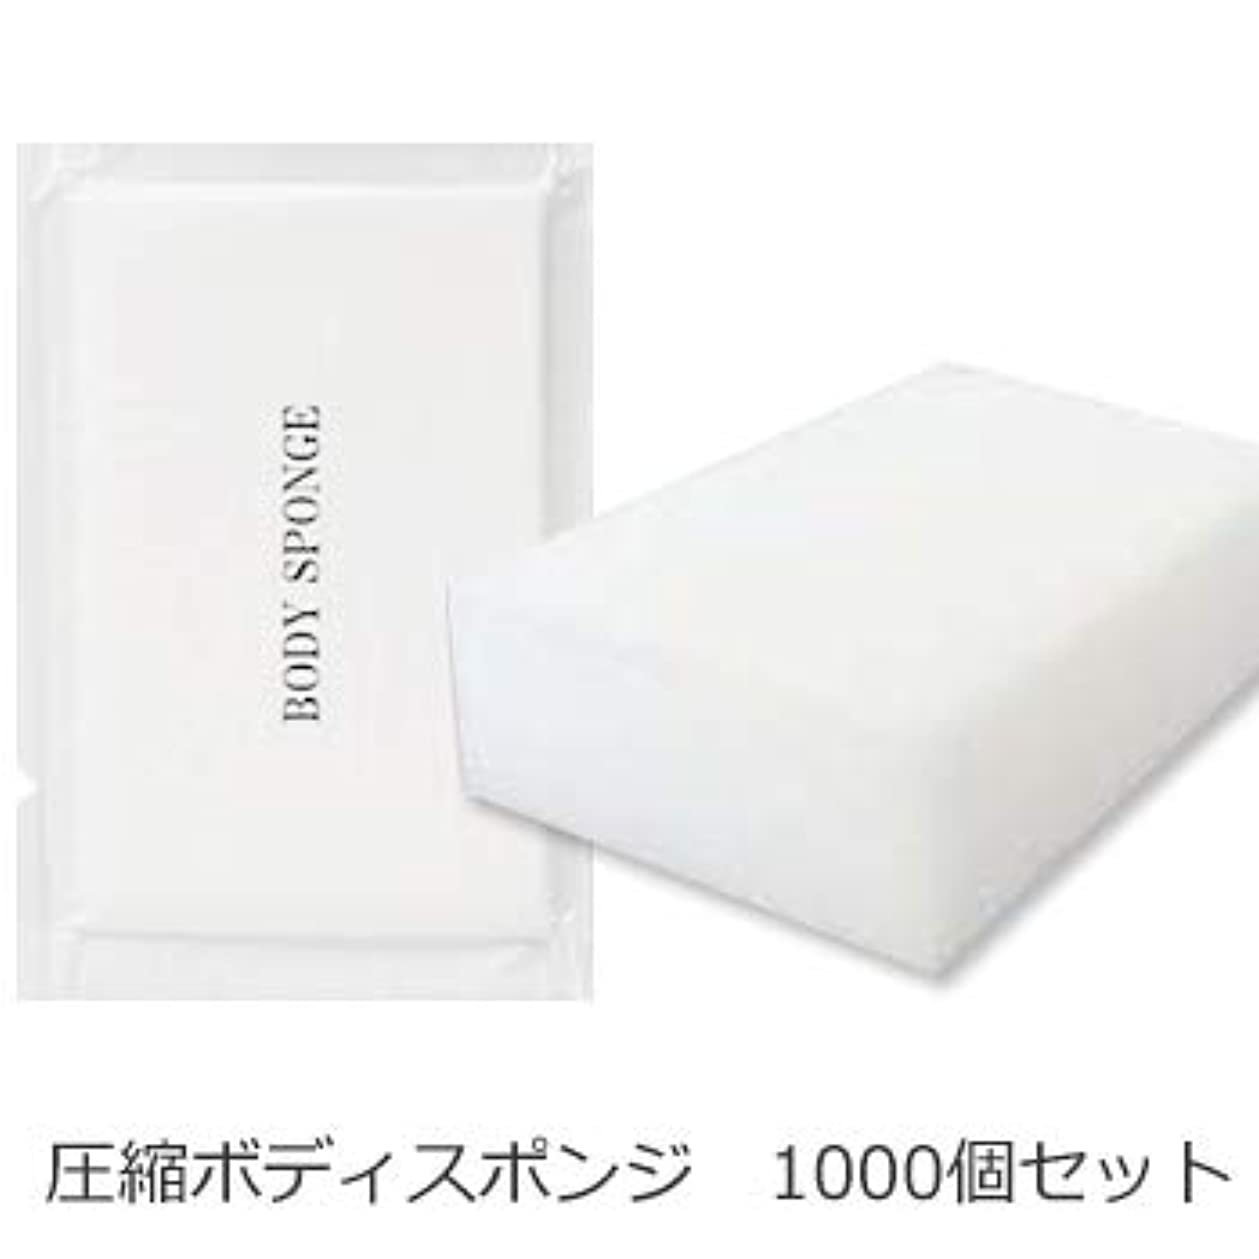 頭痛家事をするジェームズダイソンボディスポンジ 海綿タイプ 厚み 30mm (1セット1000個入)1個当り11円税別